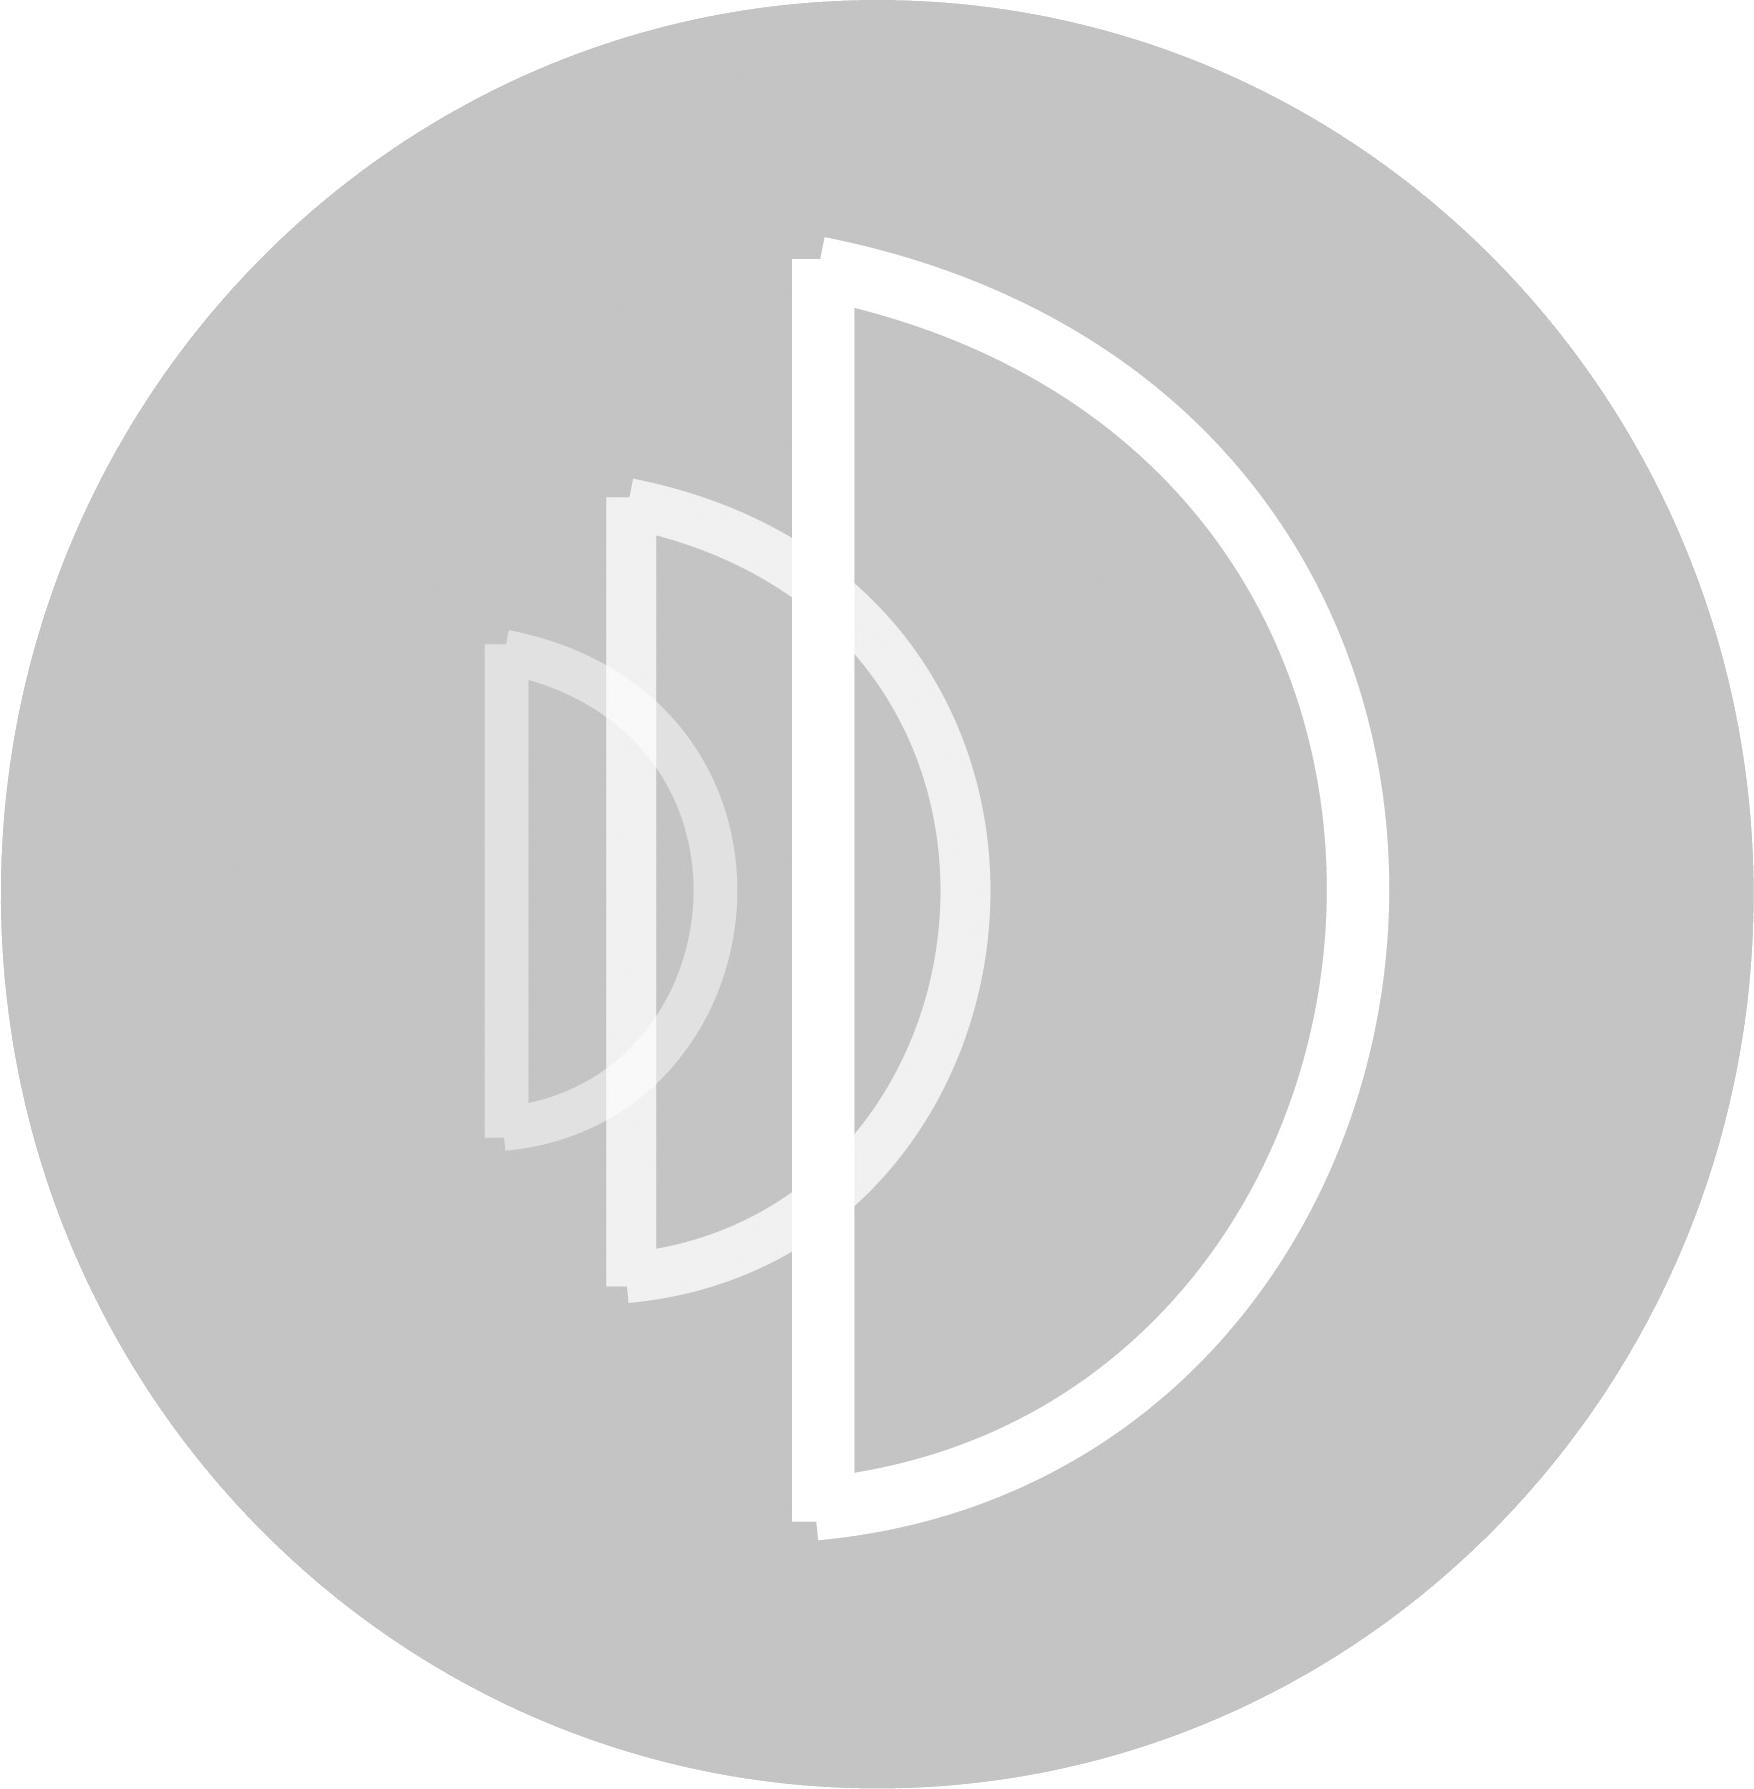 Logo DDD Dream Decoding Drawing